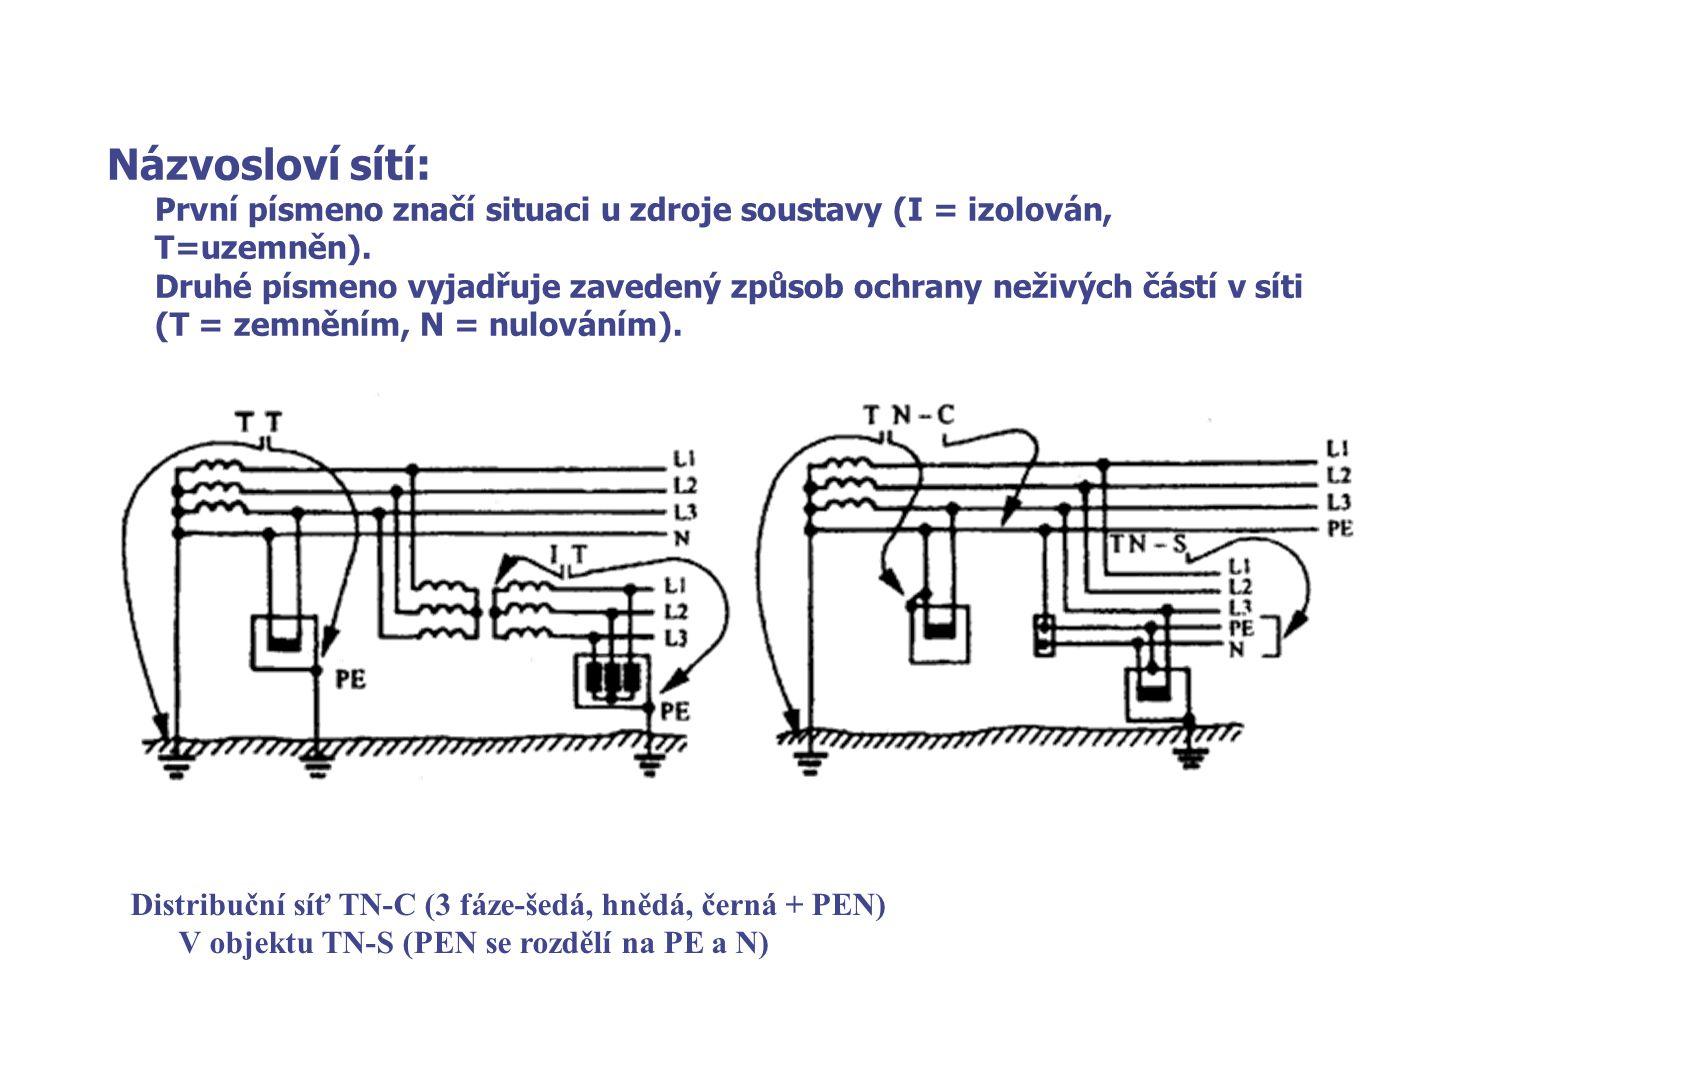 Názvosloví sítí: První písmeno značí situaci u zdroje soustavy (I = izolován, T=uzemněn).